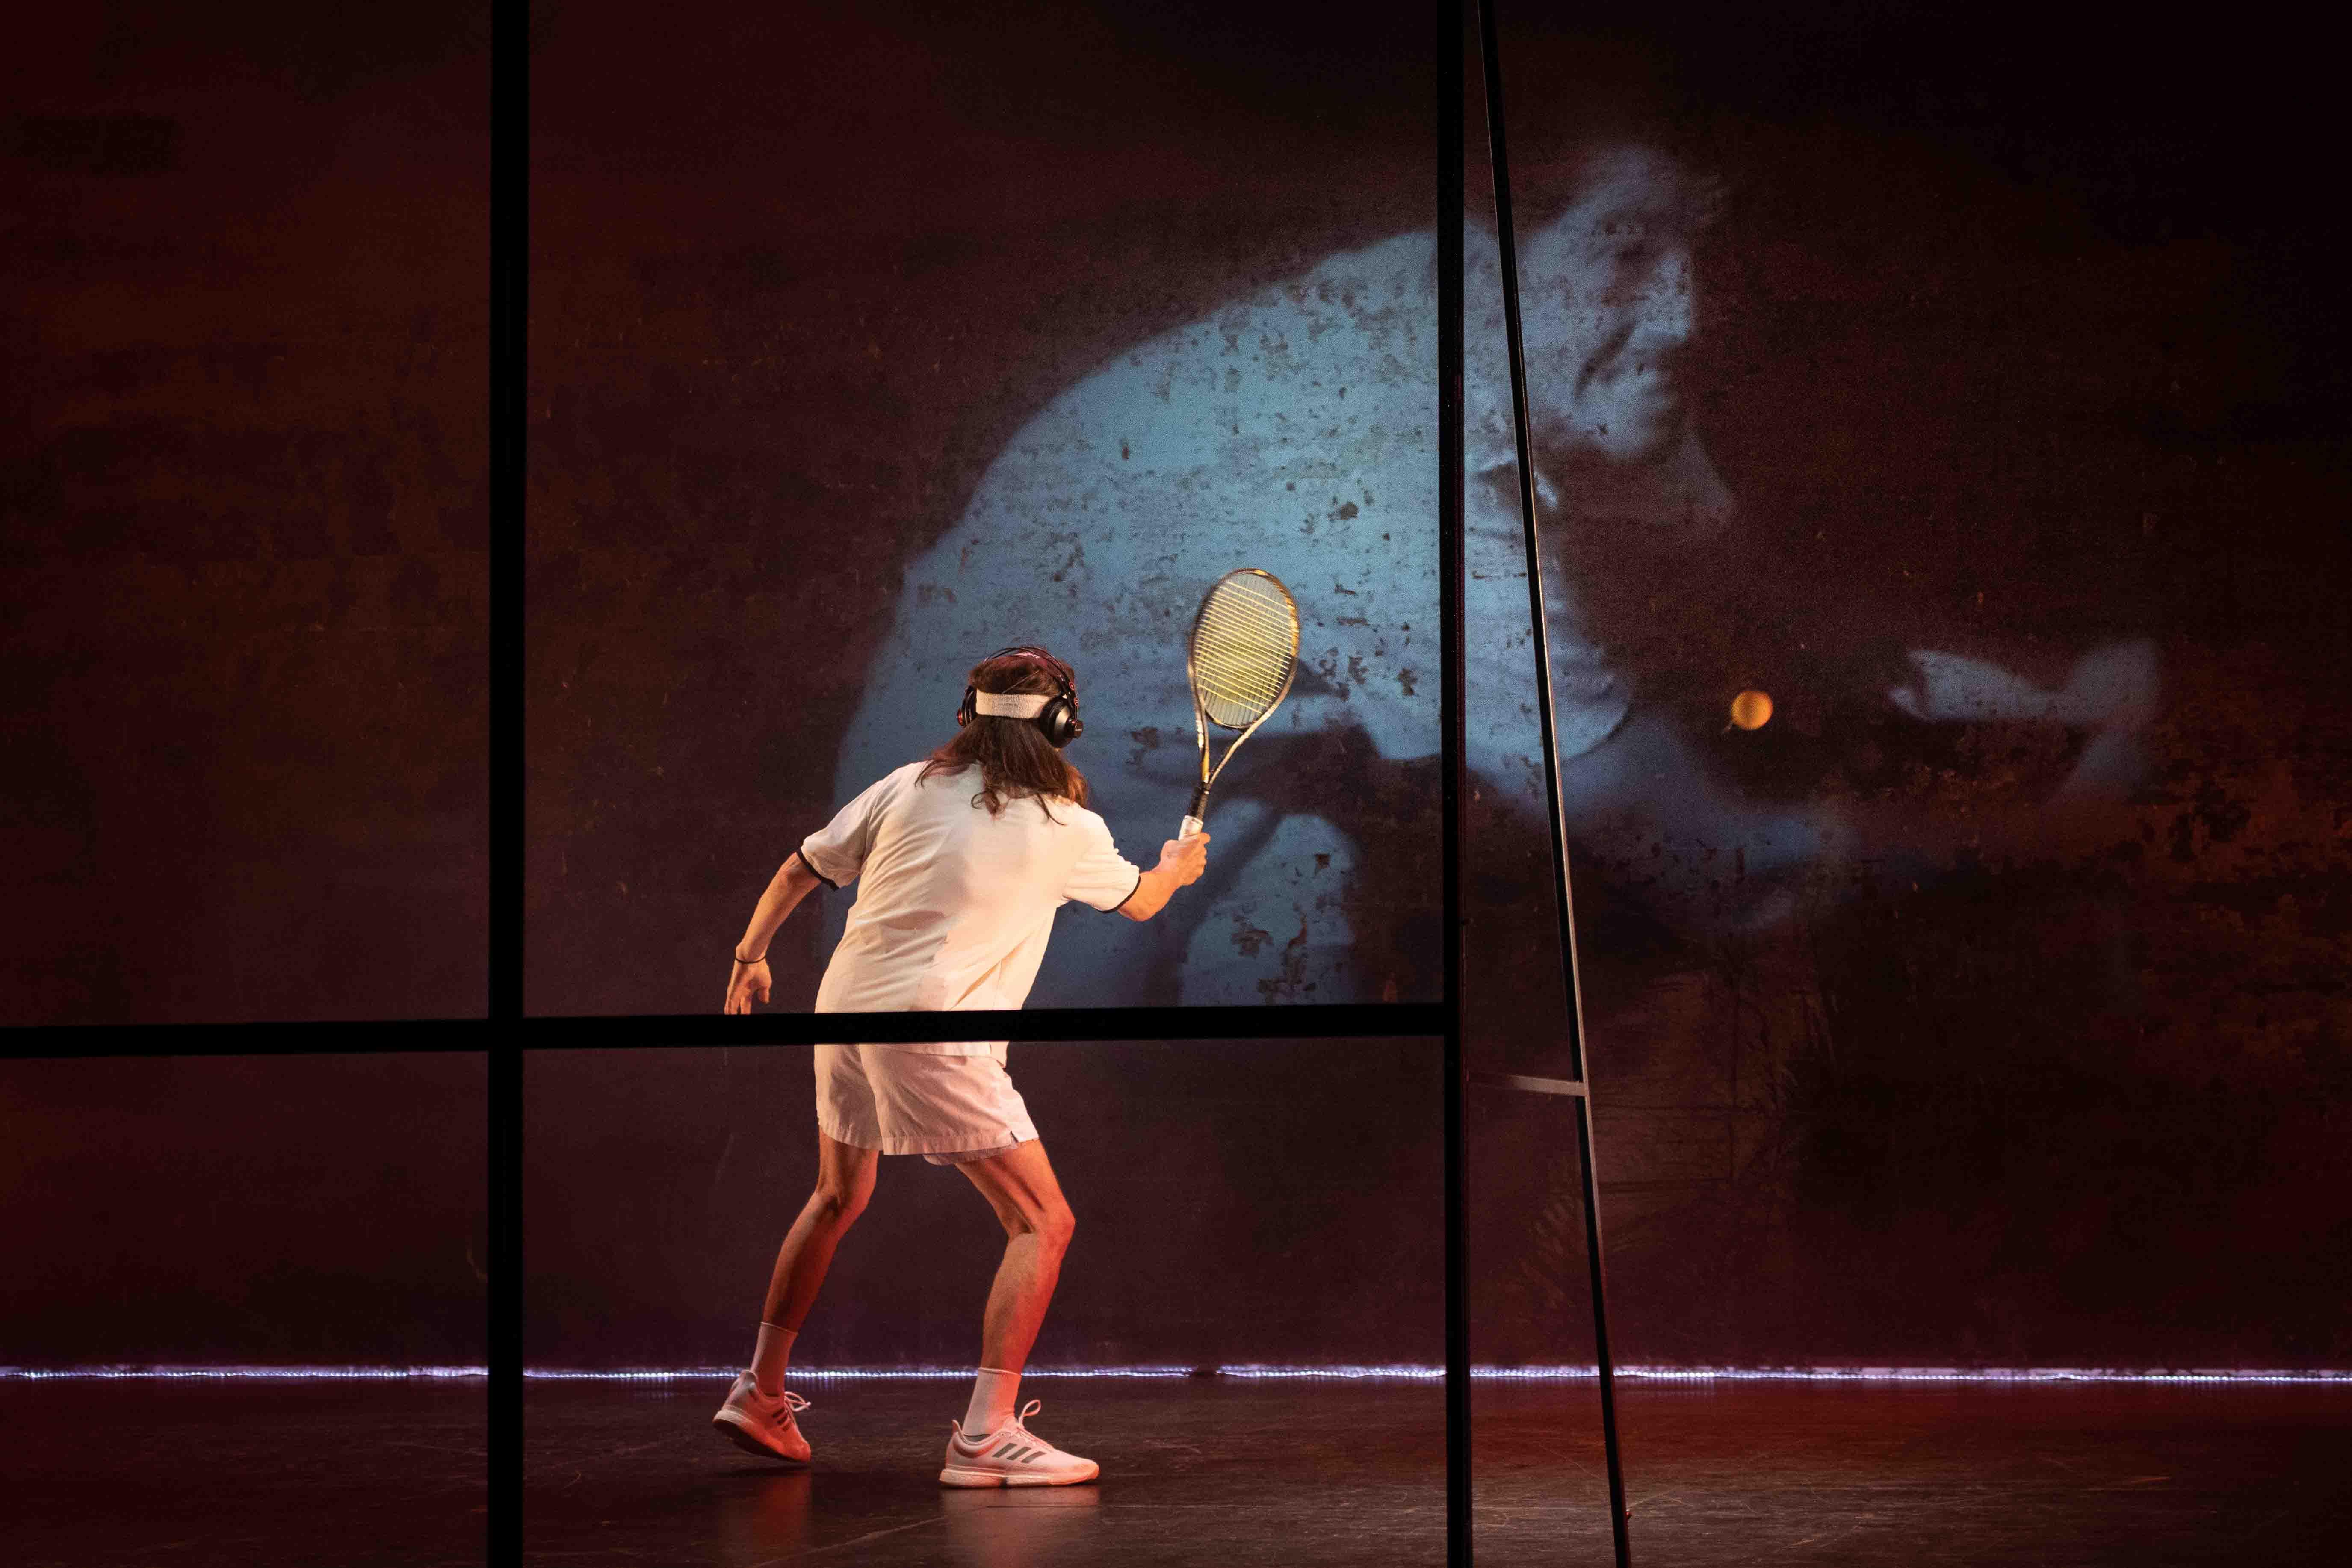 Tennis Foto di scena 14